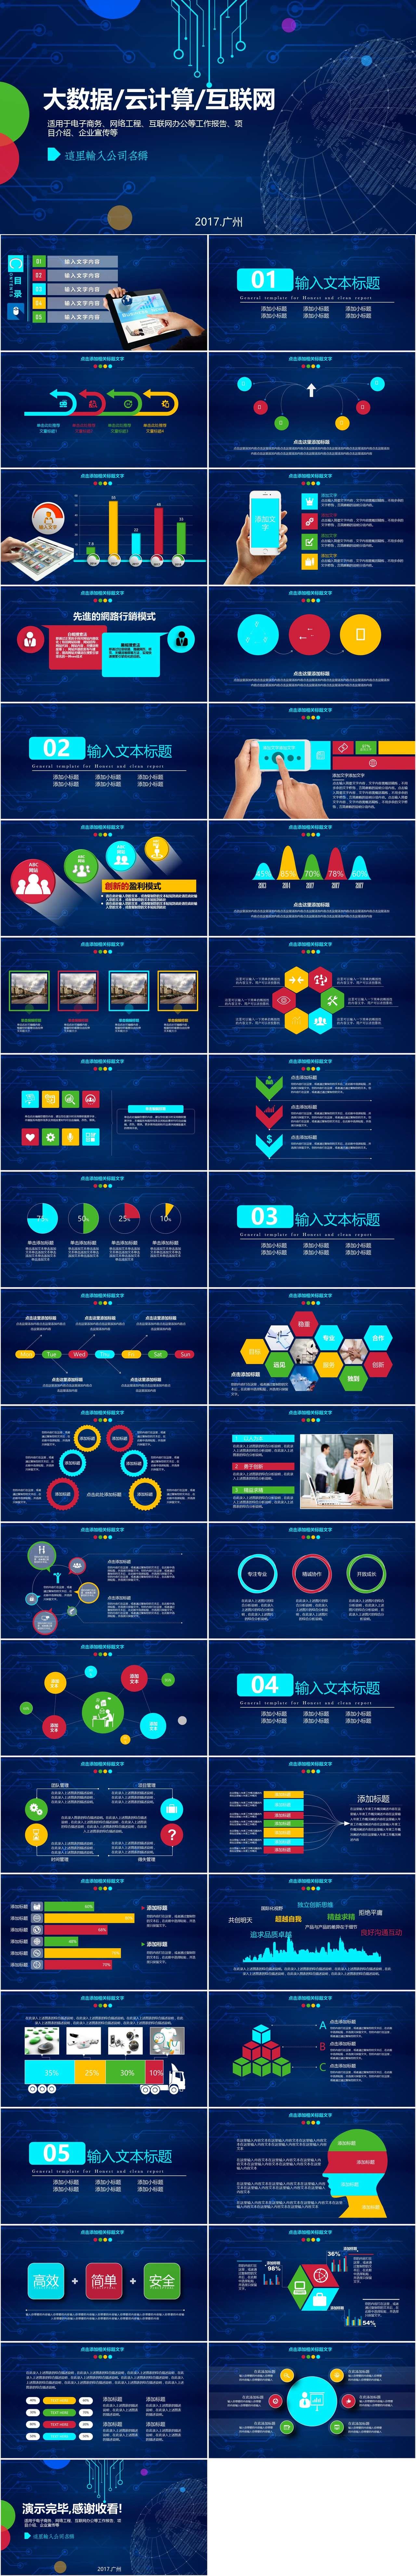 欧美风企业介绍公司简介公司介绍PPT模板插图1